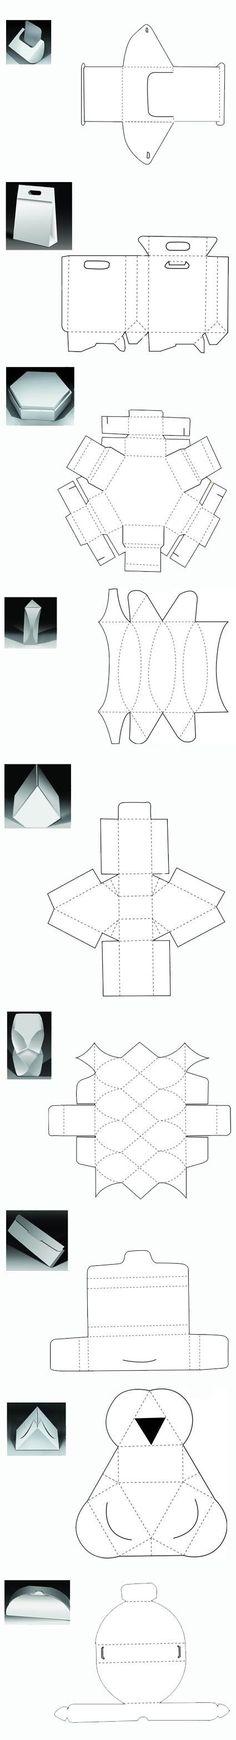 DIY: Paper Box